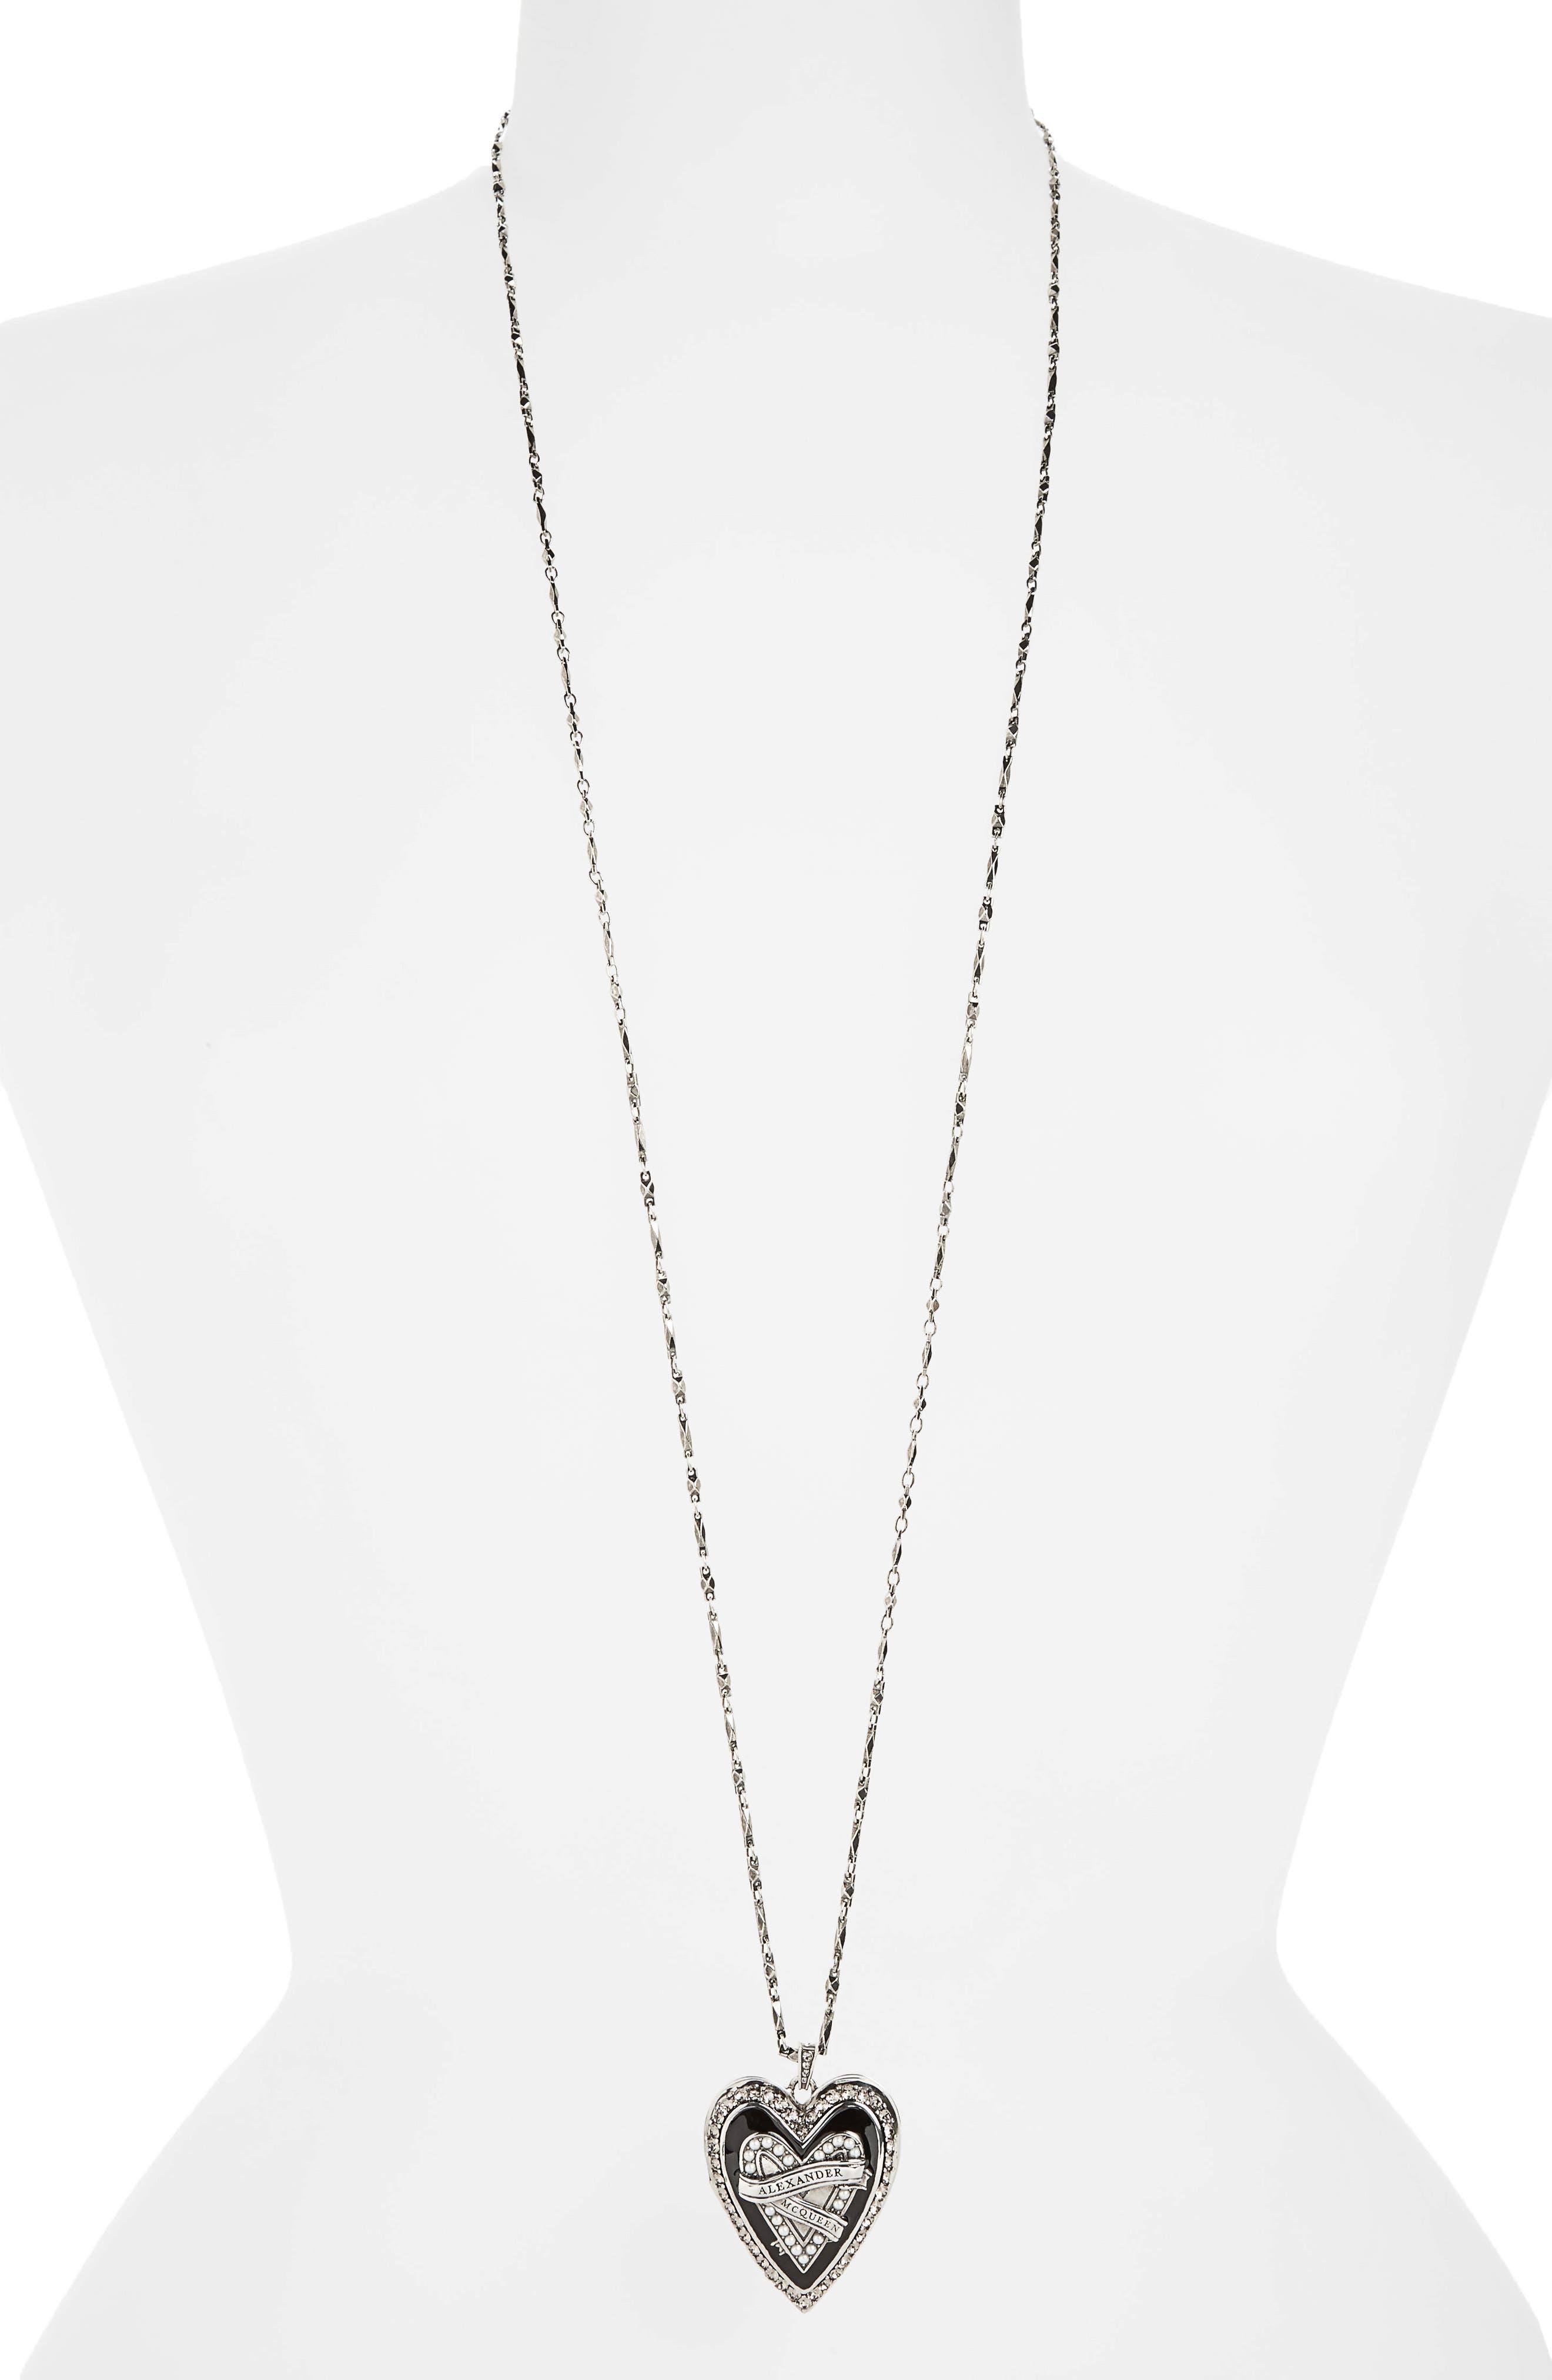 Heart Pendant Necklace,                         Main,                         color, Antique Silver/ Jet